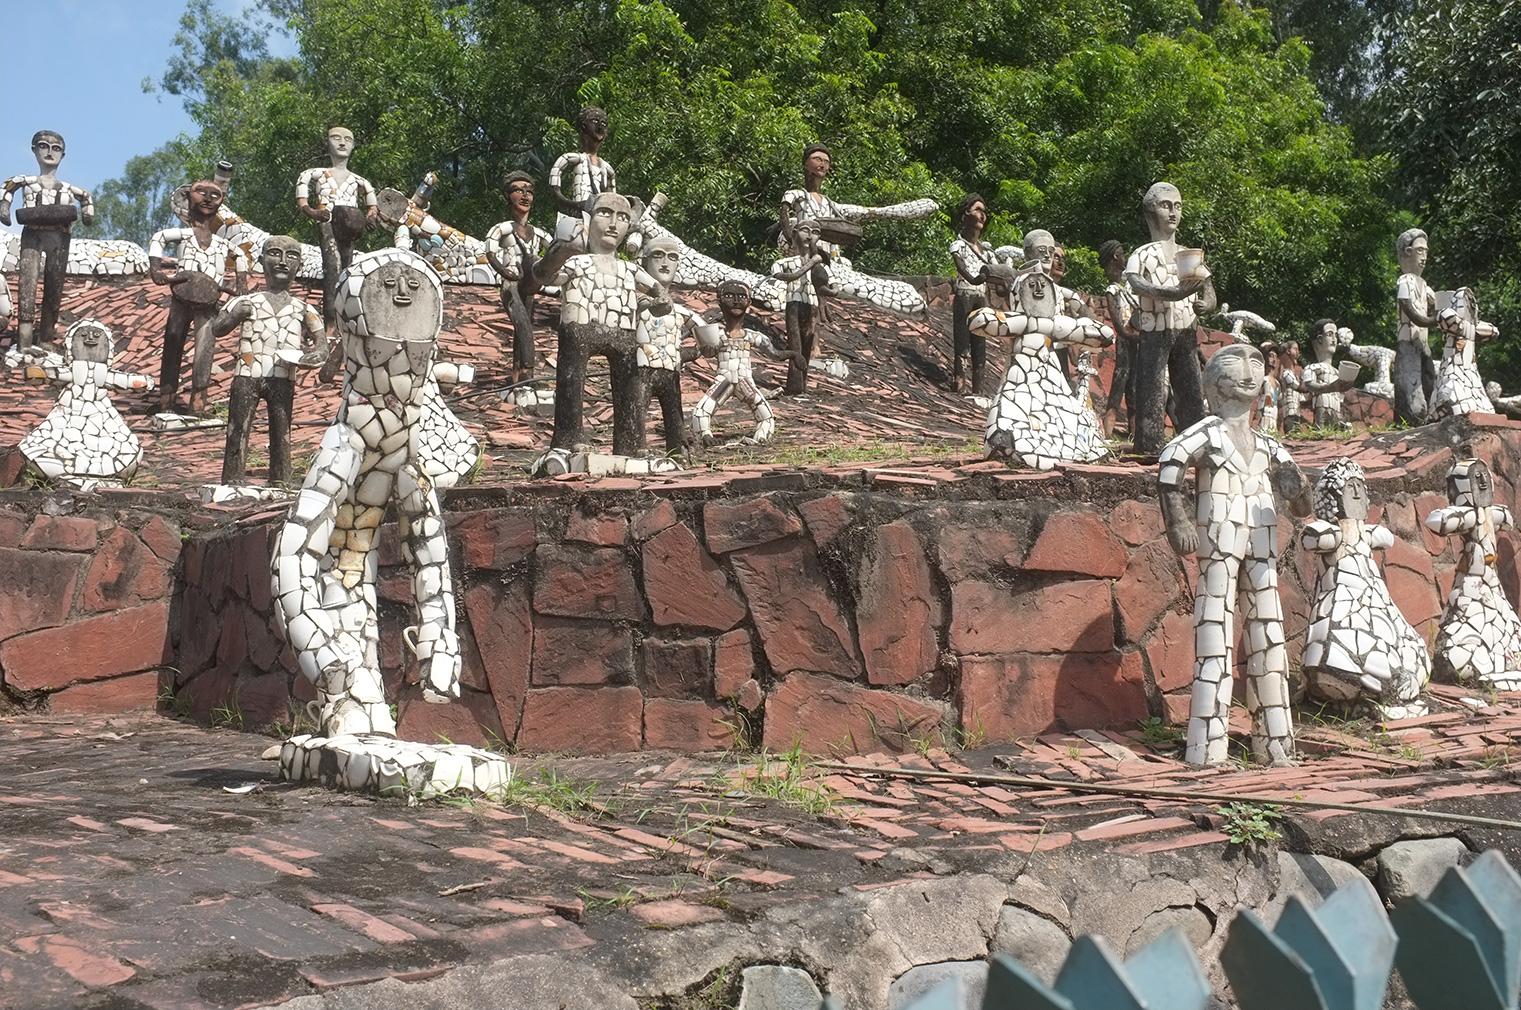 Nek Chand's Rock Garden, India